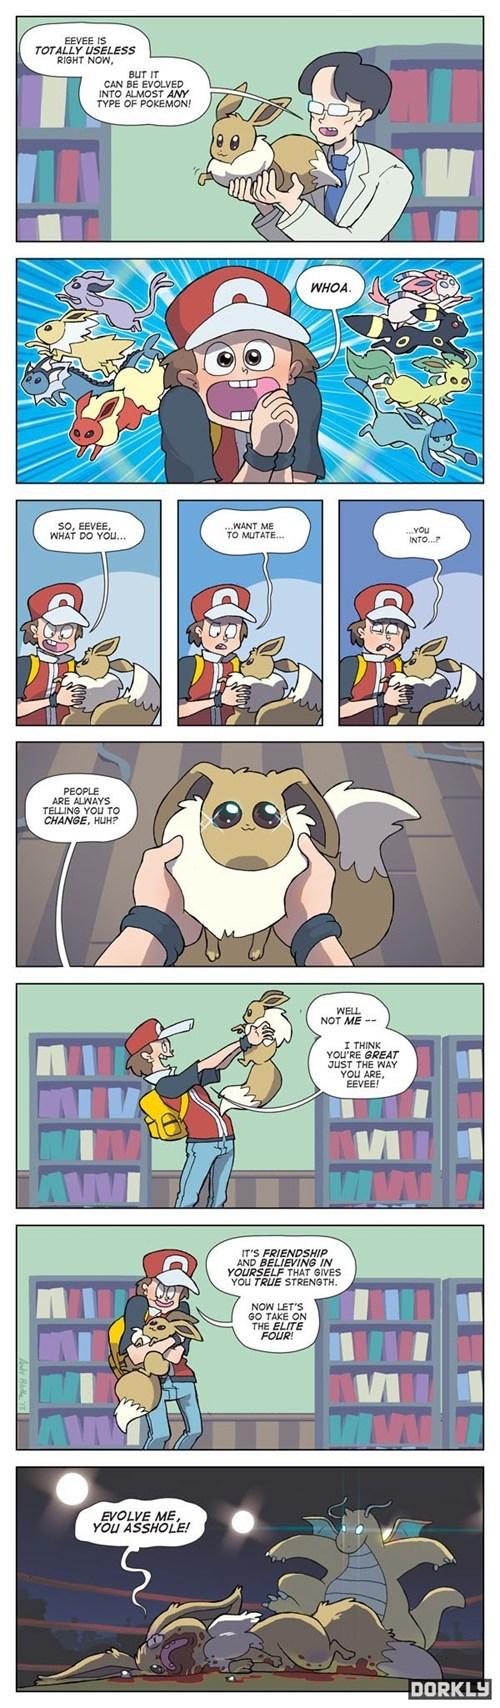 Pokémon dorkly eeveelutions eevee funny - 7510399232